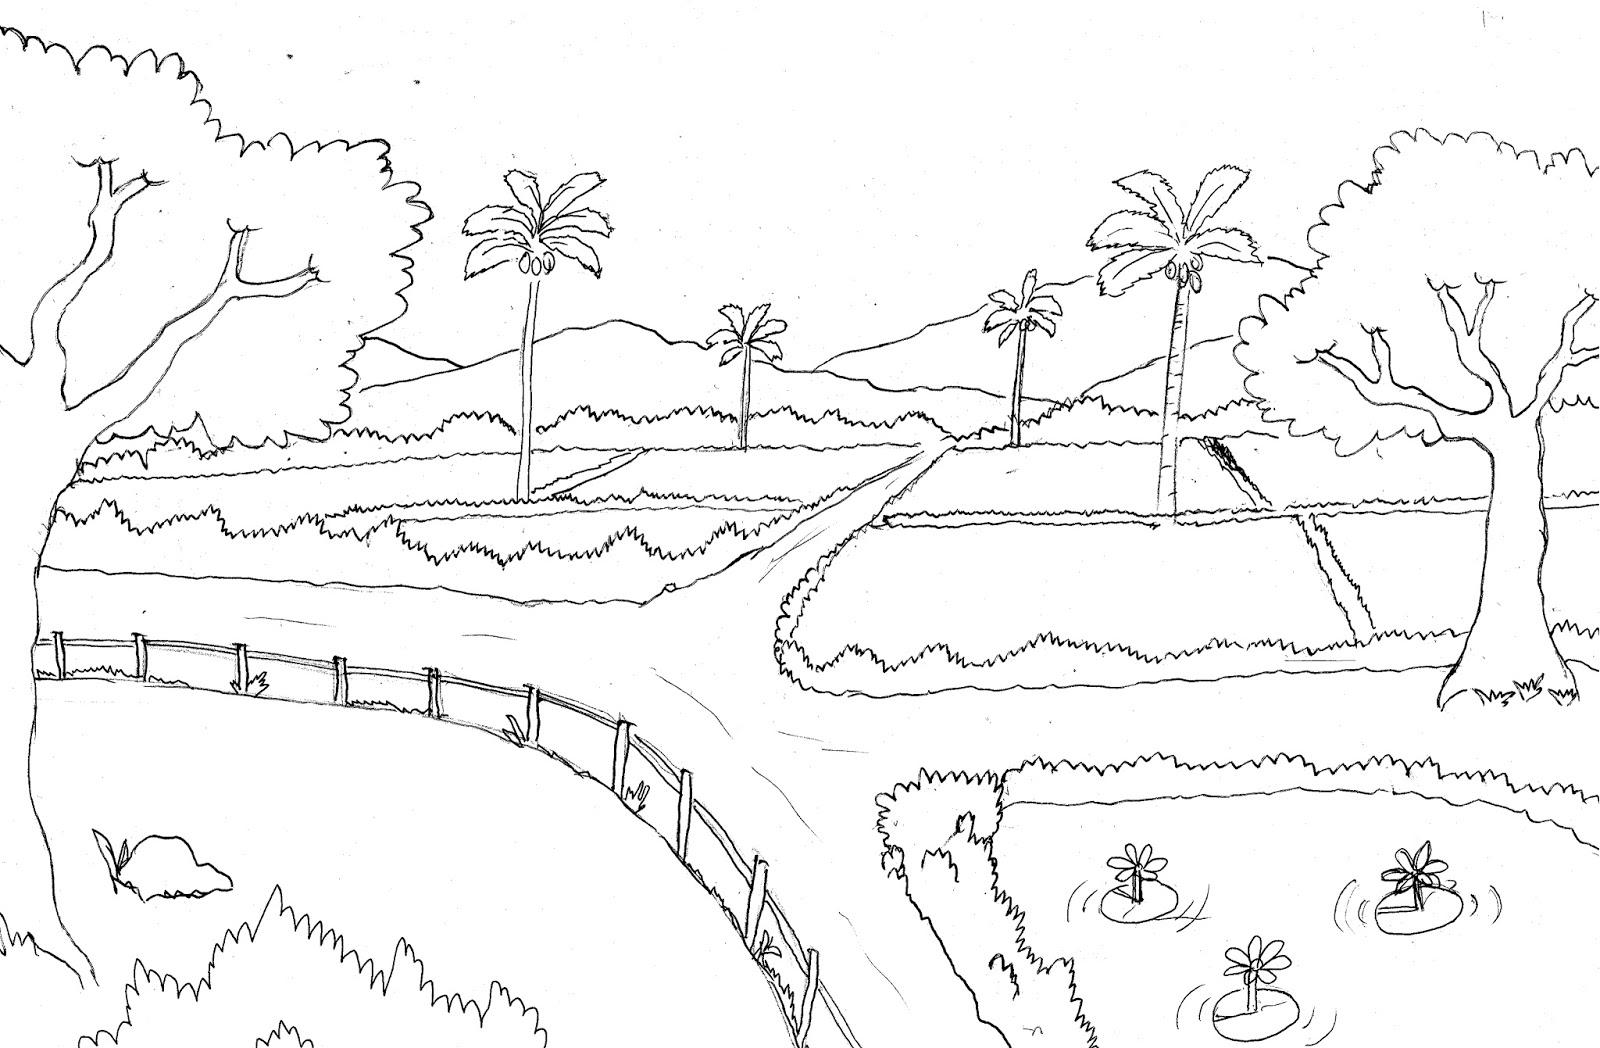 Gambar mewarnai pemandangan sawah pohon gunung dan hewan sapi anjing ikan